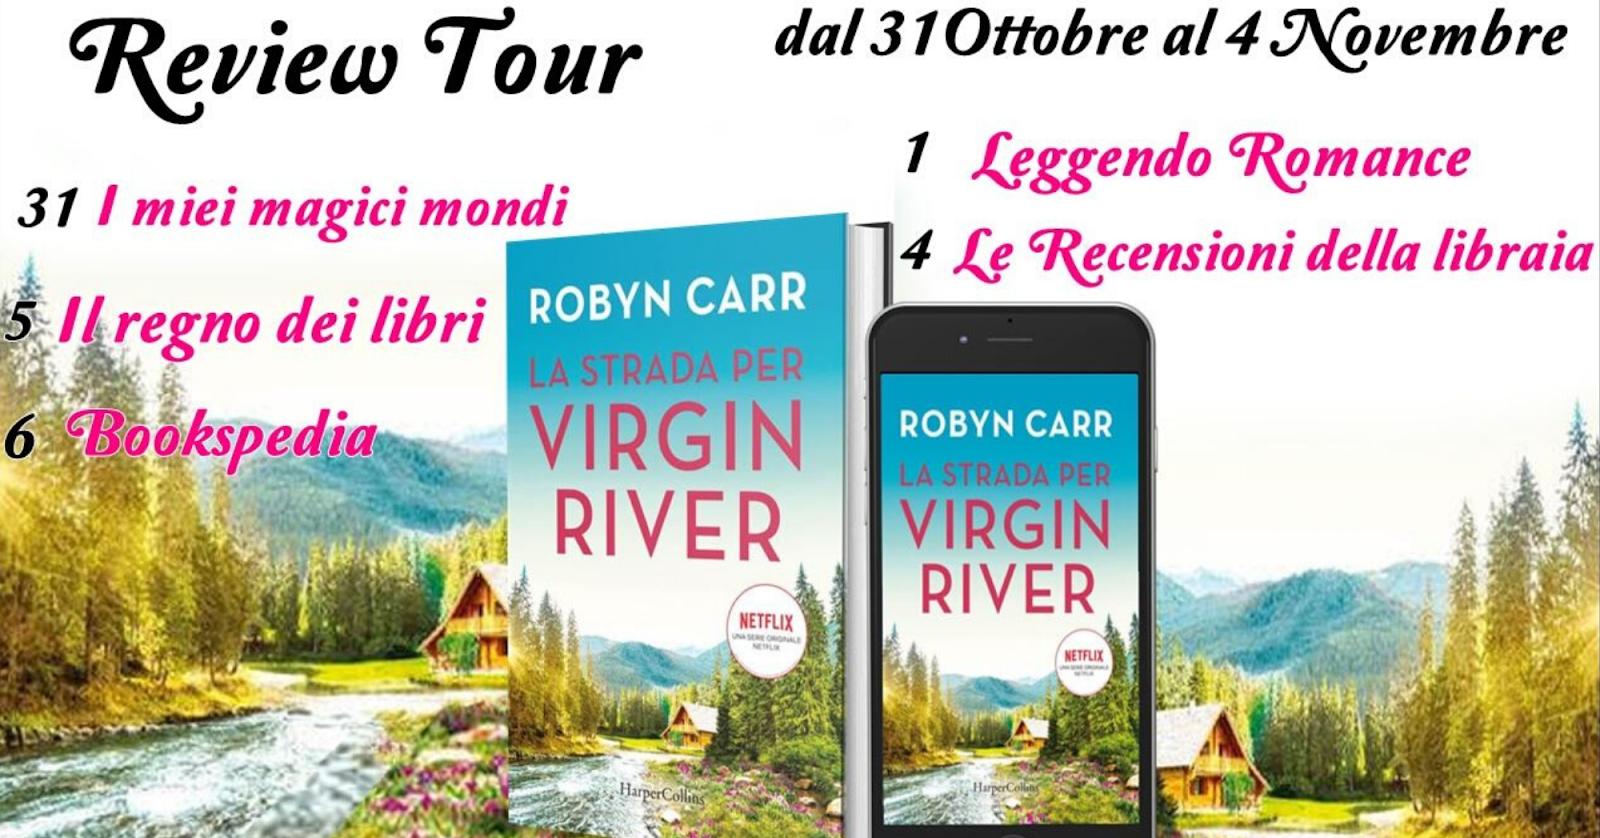 La strada per Virgin River di Robyn Carr | Recensione